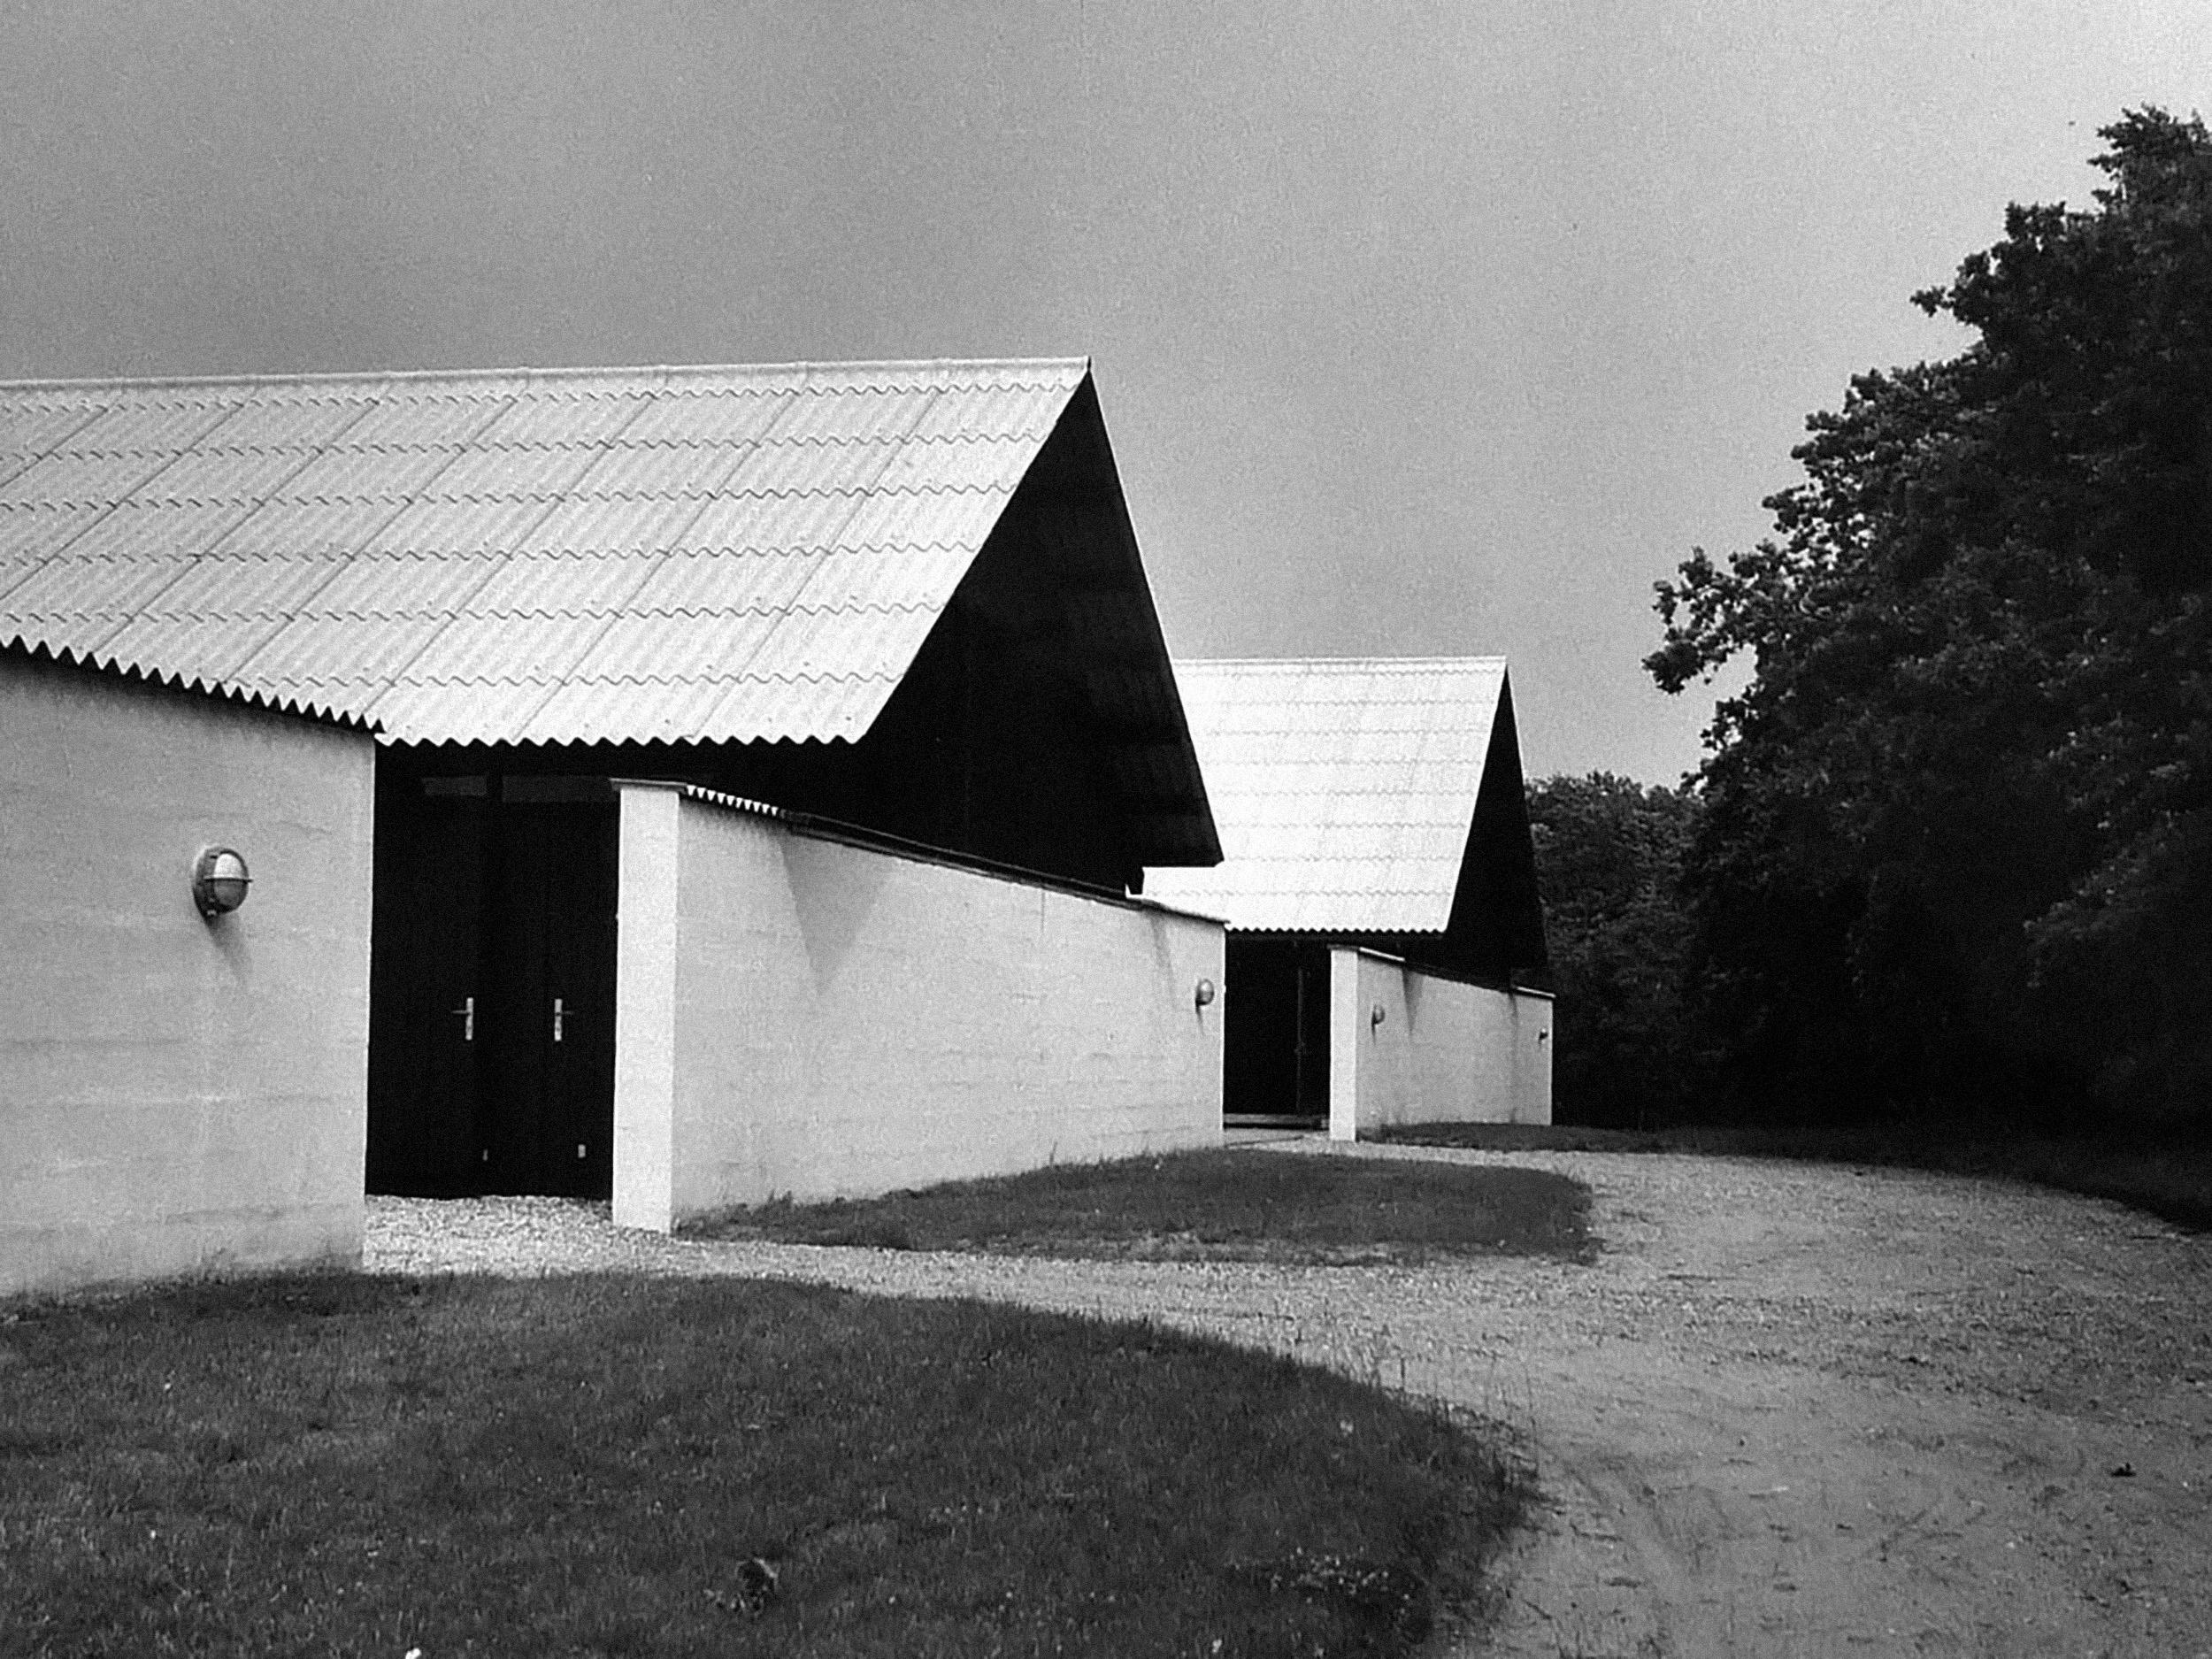 Hald Ege Kirke